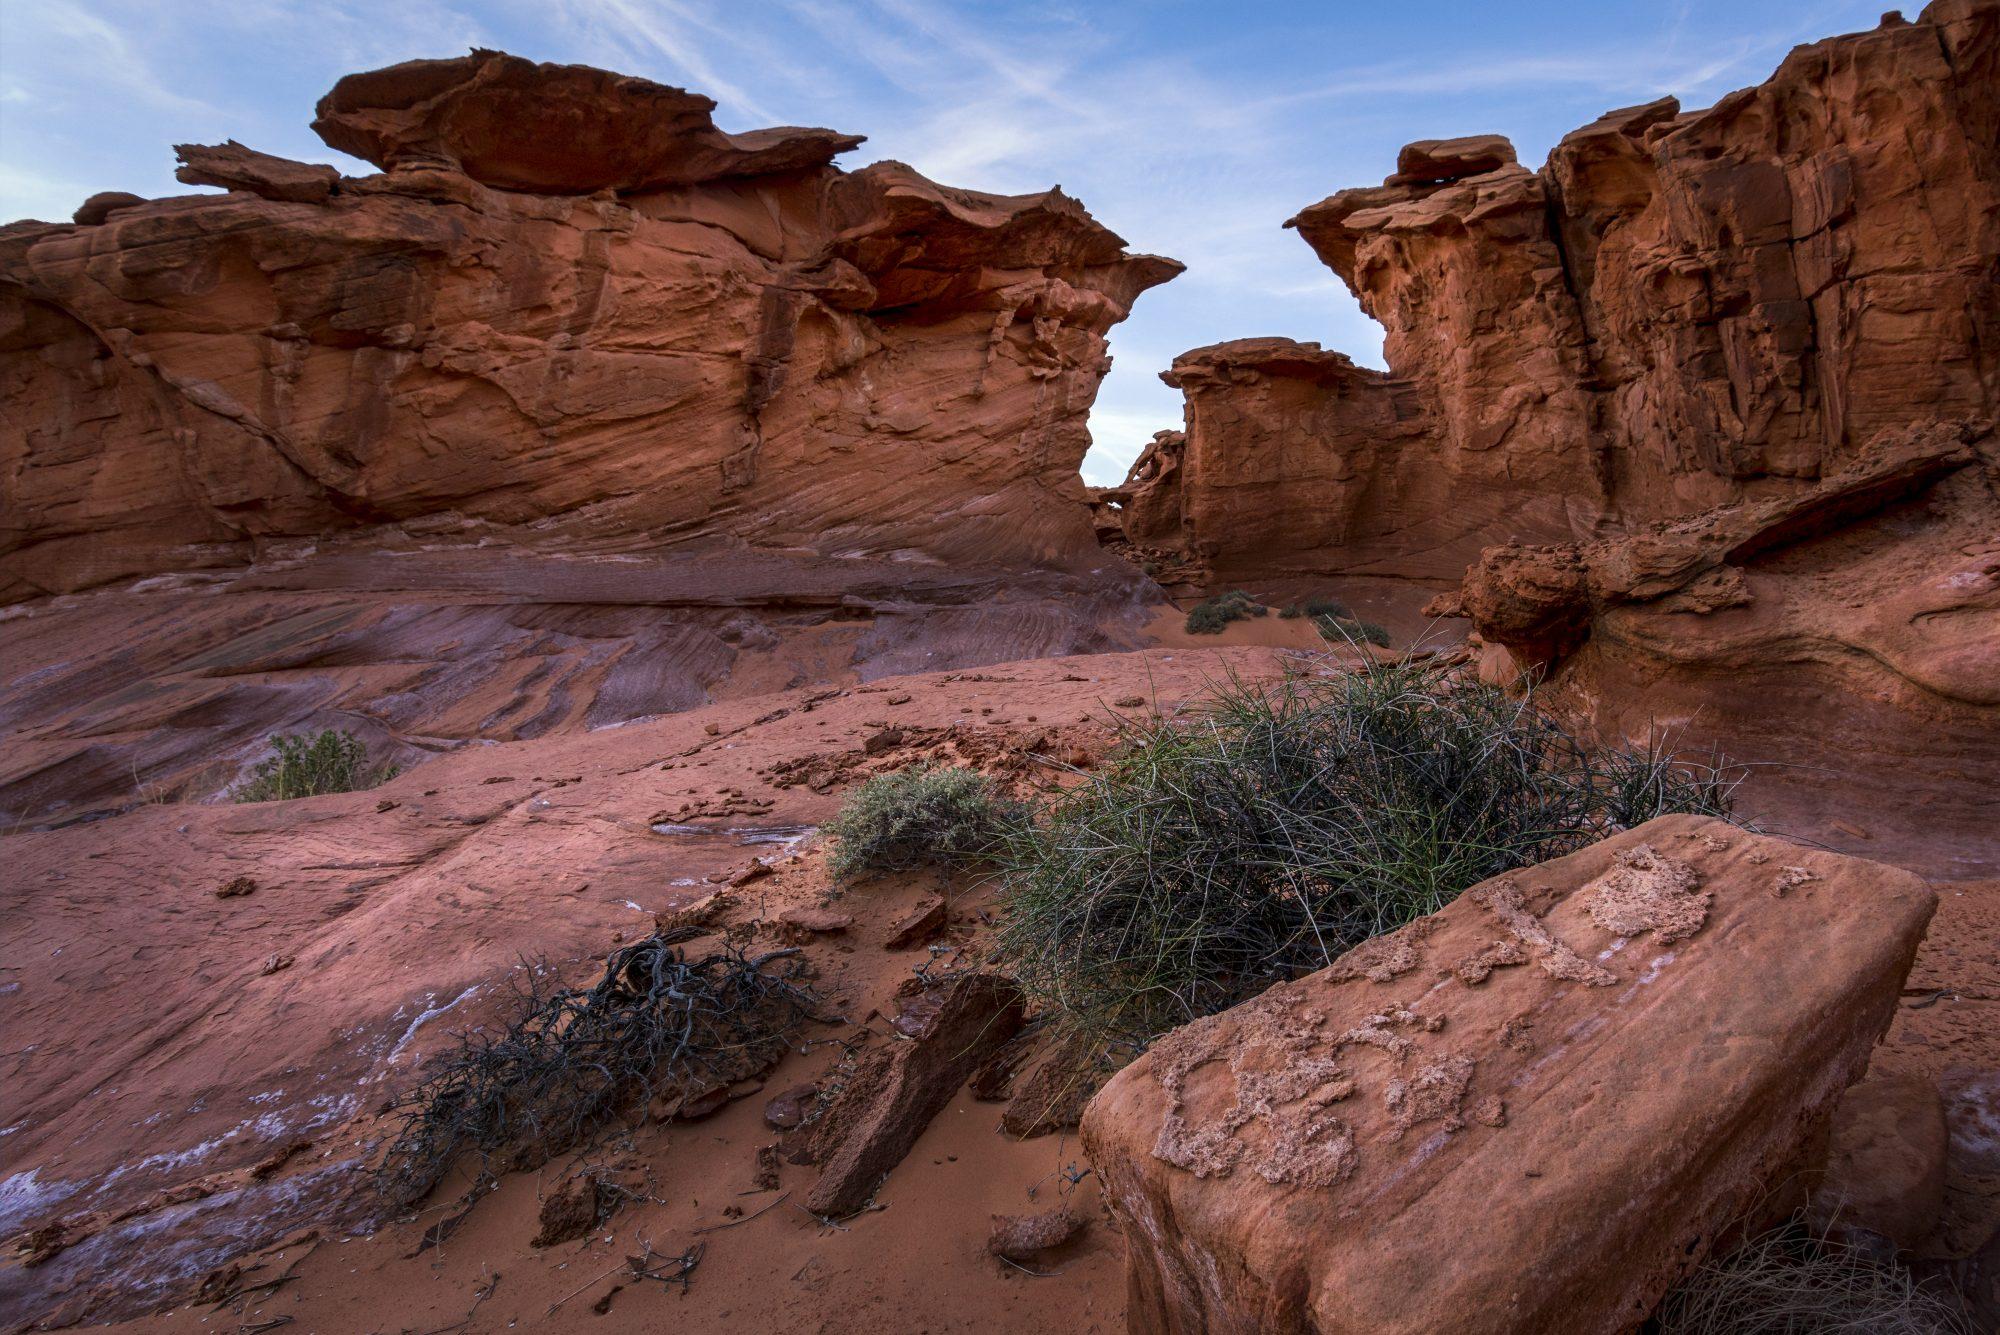 Gargoyles in the Desert